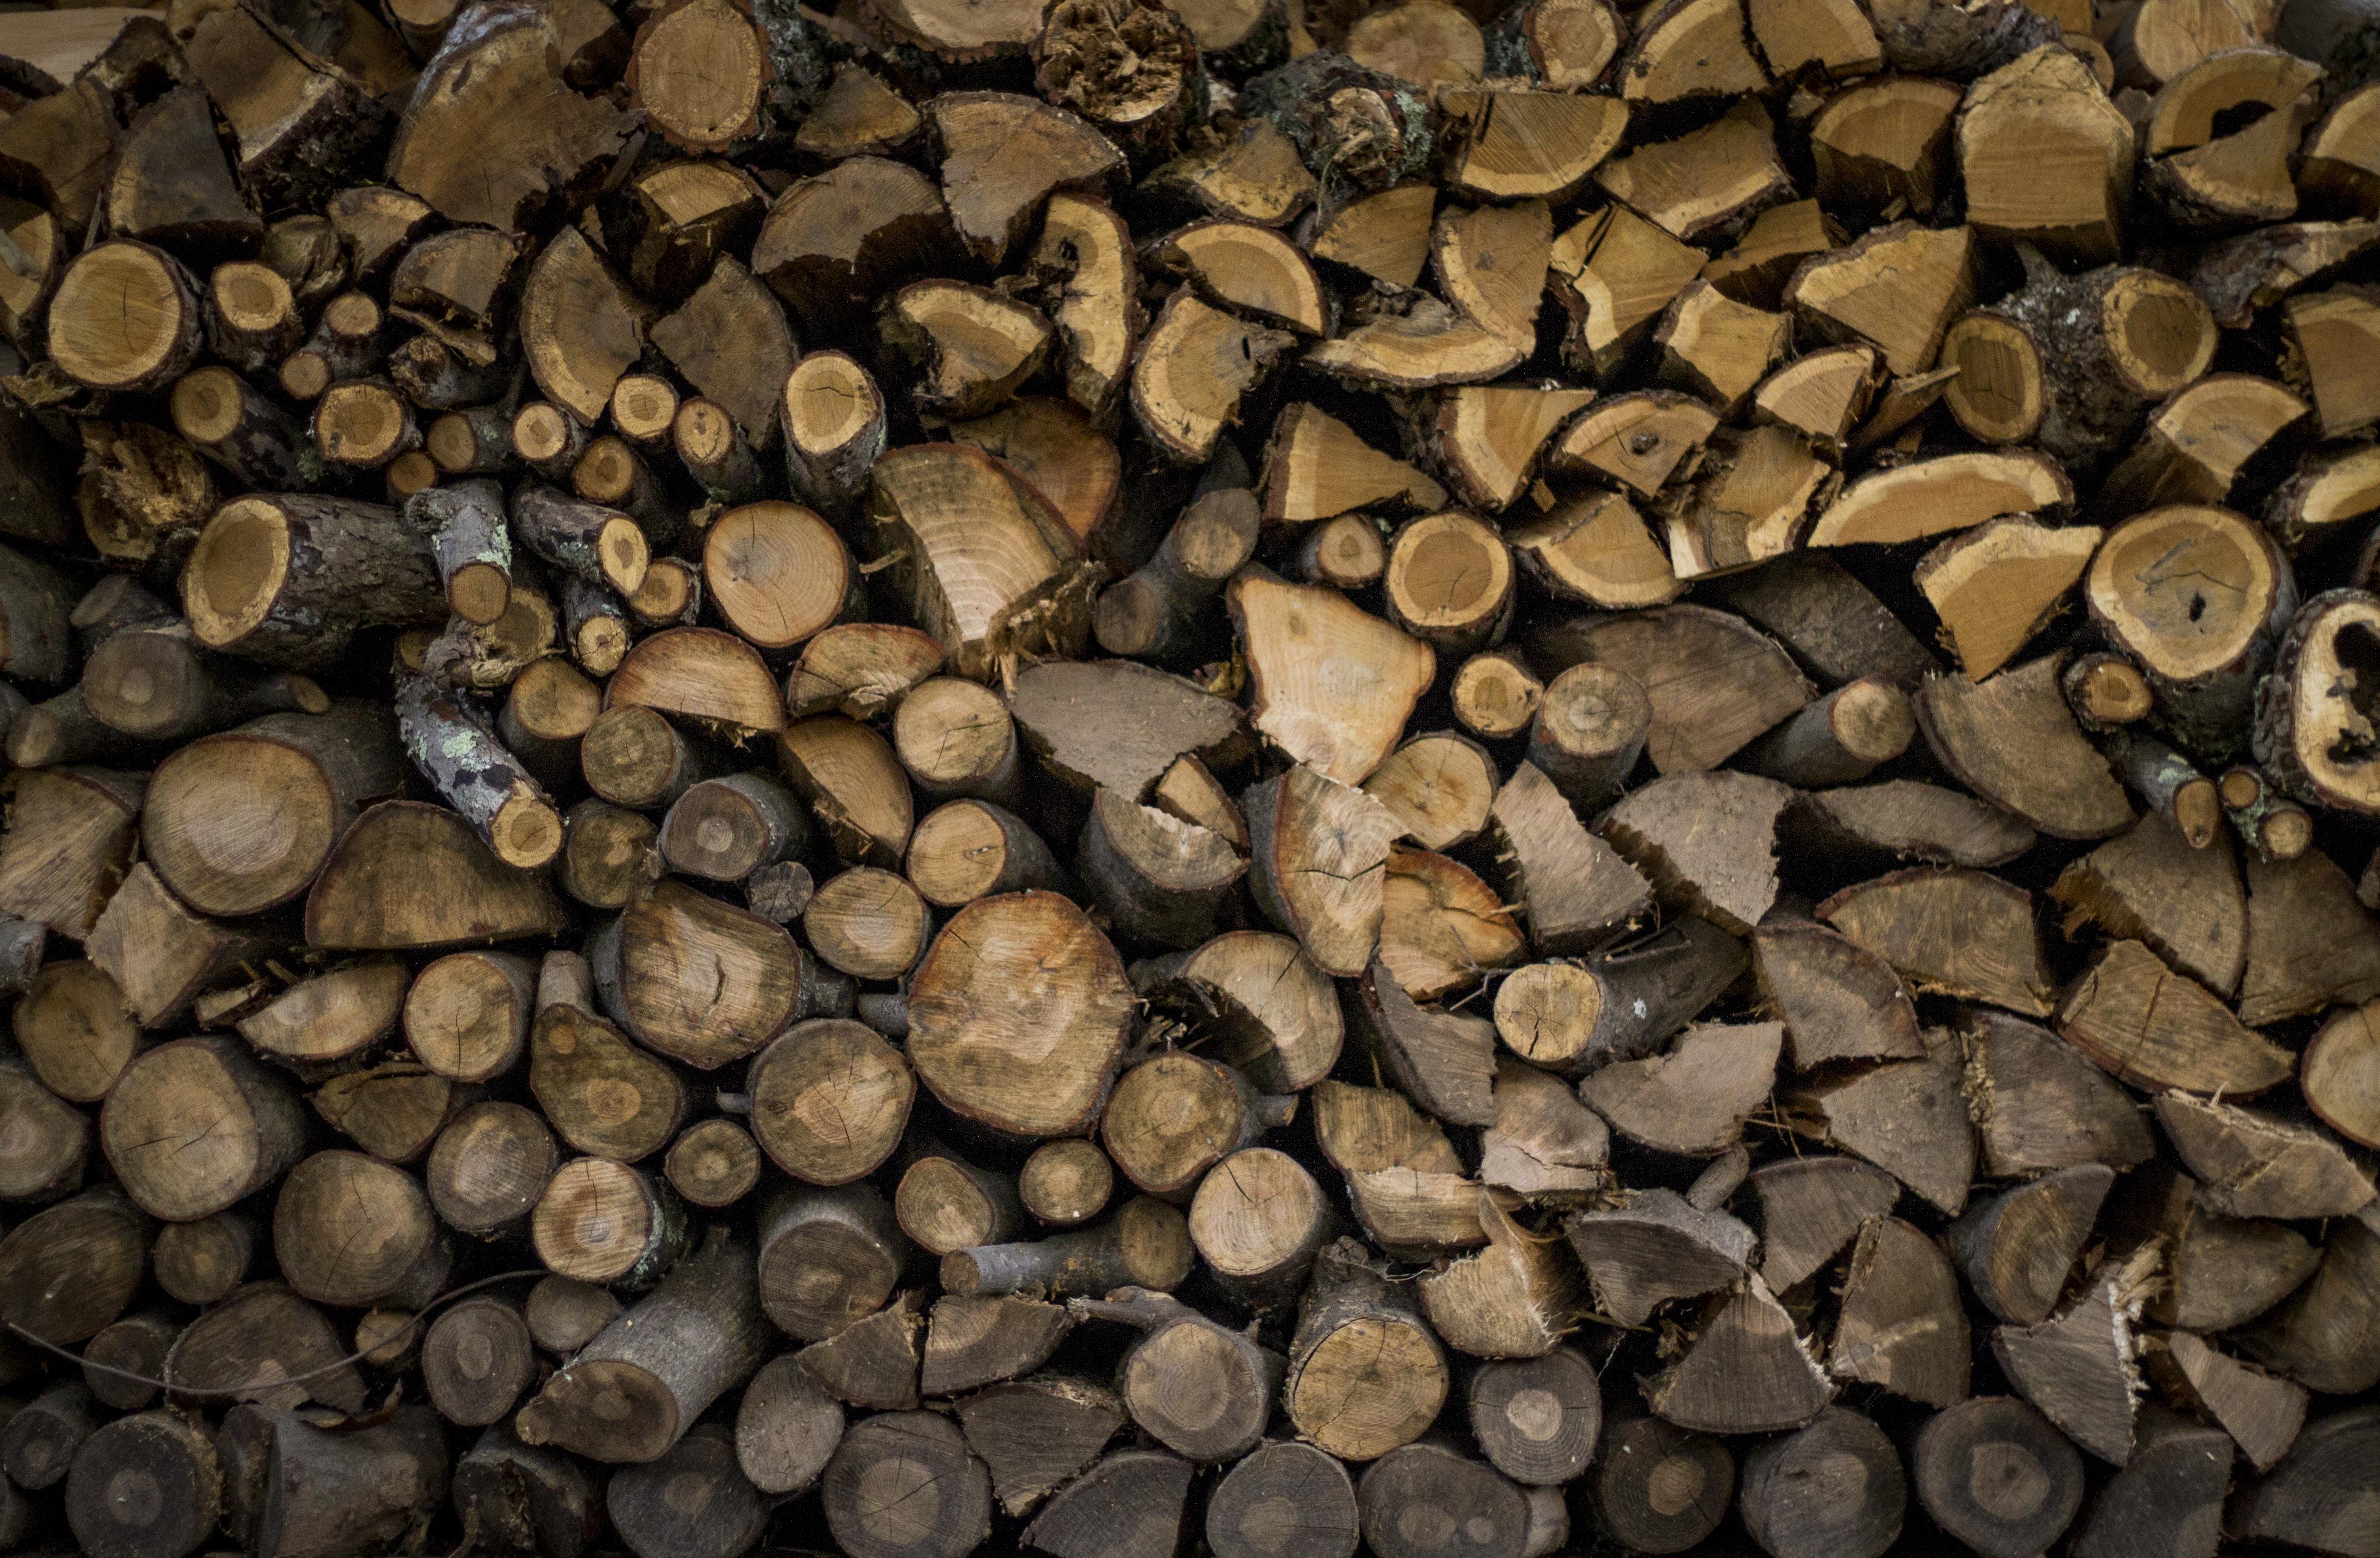 File:Dark brown firewood texture (Unsplash kFxWDfj0pD8).jpg ...